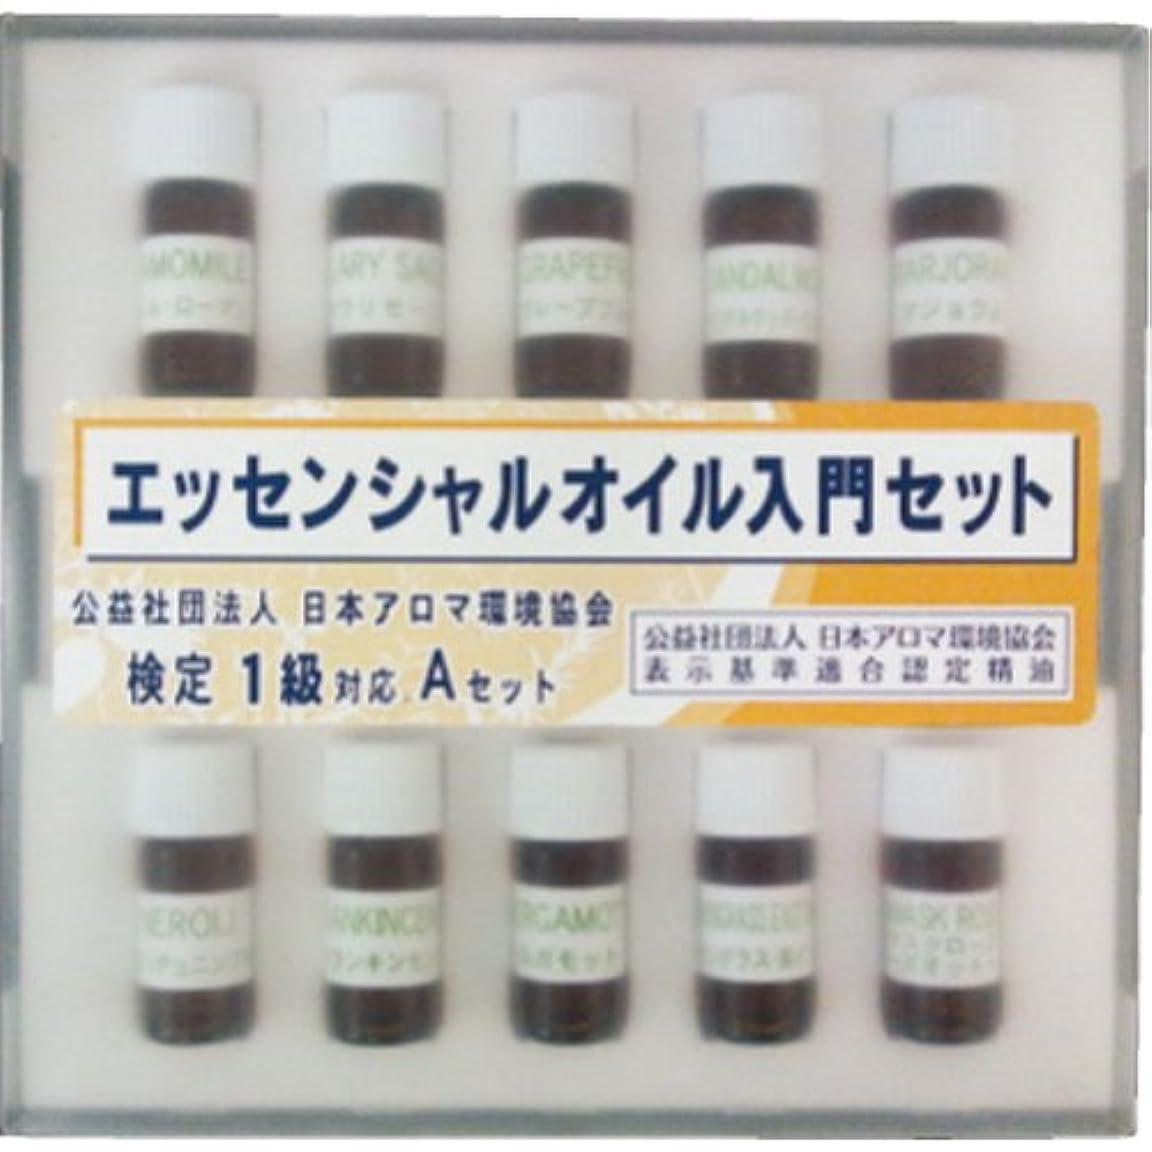 起こるブースト作成者生活の木 (公社)日本アロマ環境協会資格試験対応セット 検定1級対応Aセット